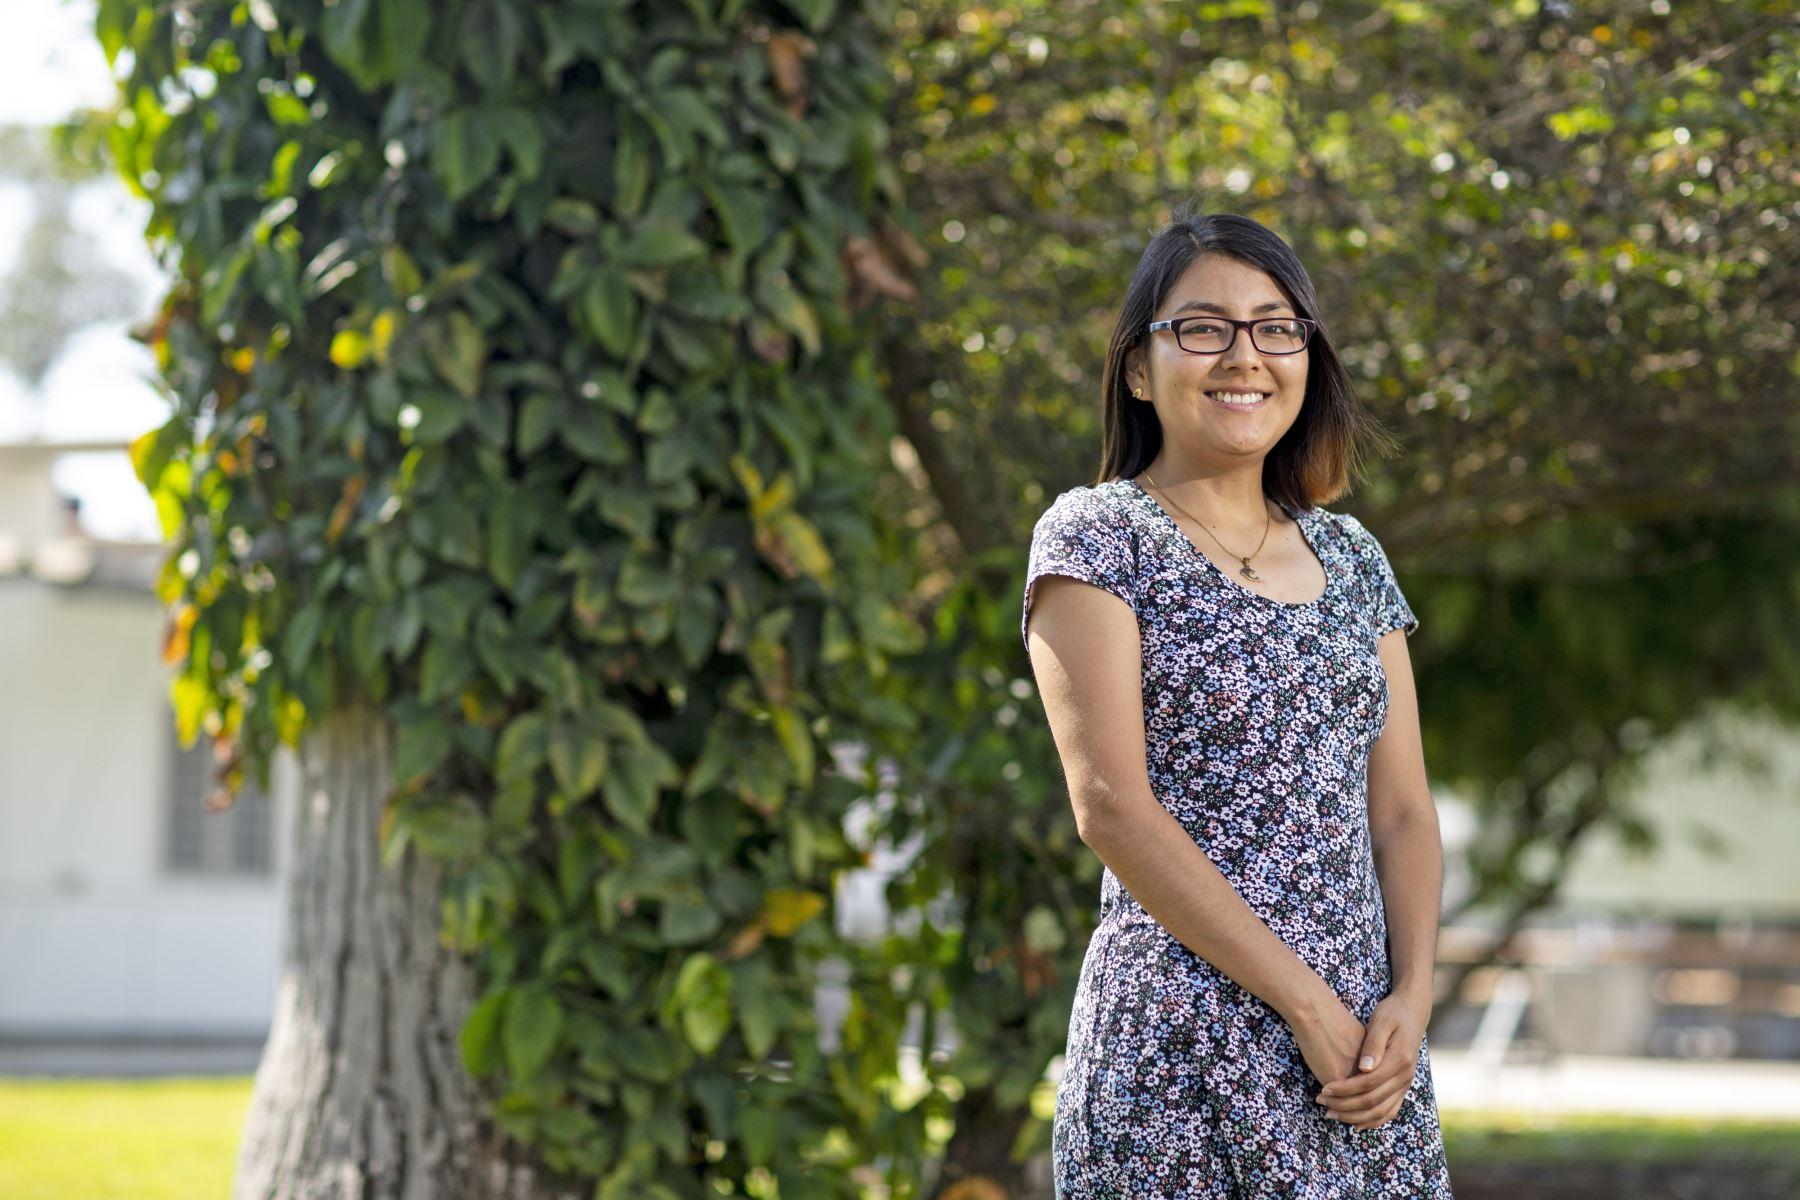 La estudiante peruana egresada de la Universidad Católica del Perú Madai Urteaga, de solo 23 años, ha sido aceptada por seis de las más prestigiosas universidades de Estados Unidos, entre ellas Harvard, para realizar un doctorado en Ciencias Políticas. Foto: PUCP